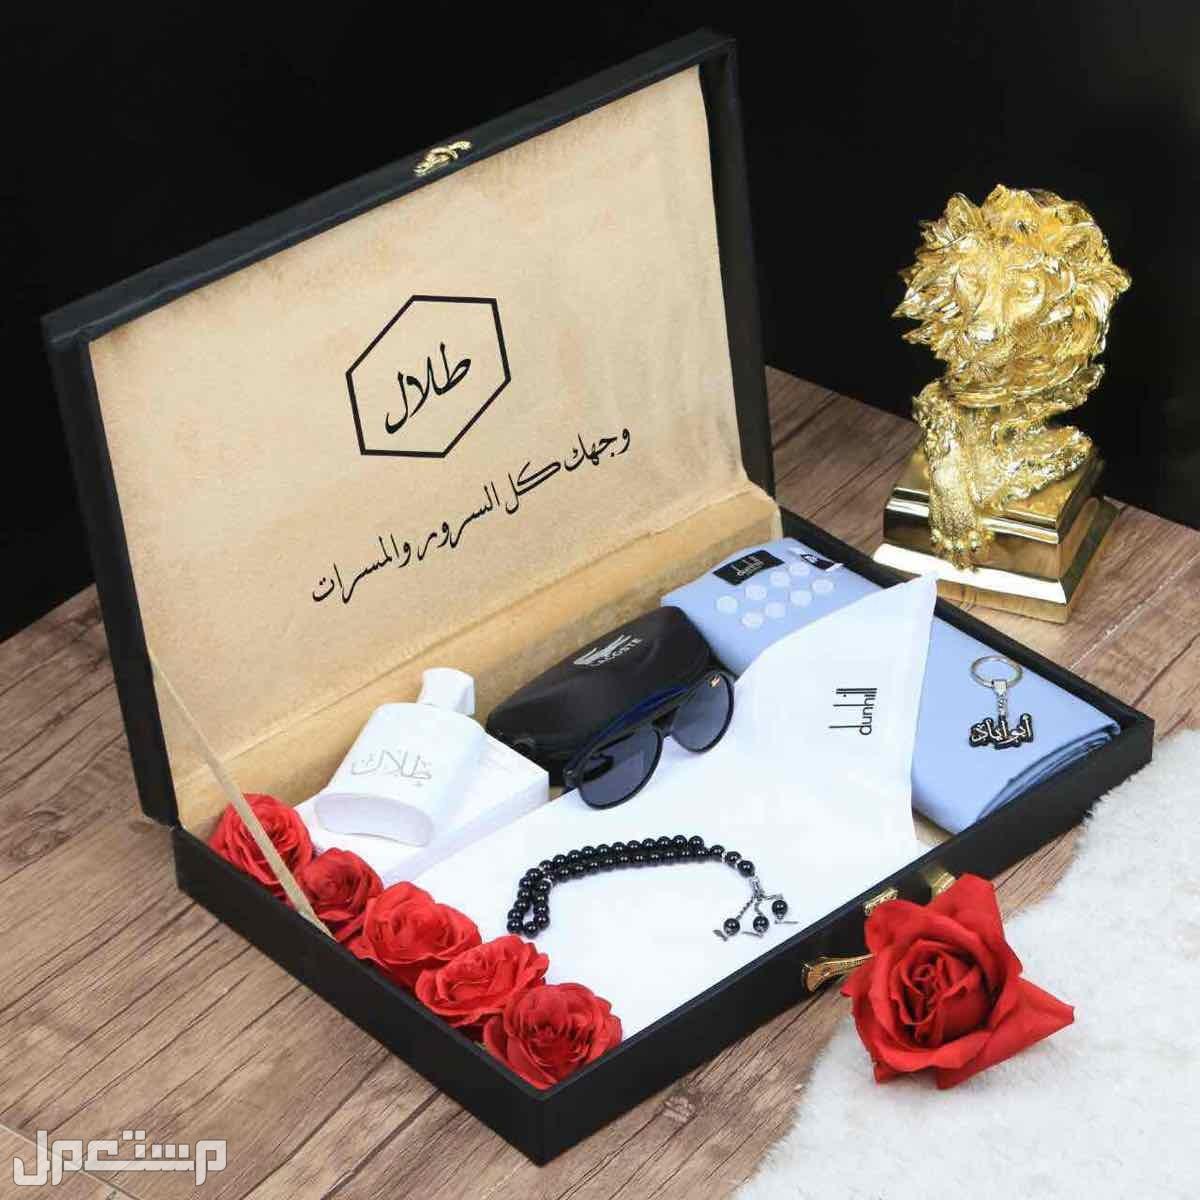 بوكس هدايا رجالي دنهل قماش شماغ نظاره لاكوست عطر تصميم بالطلب